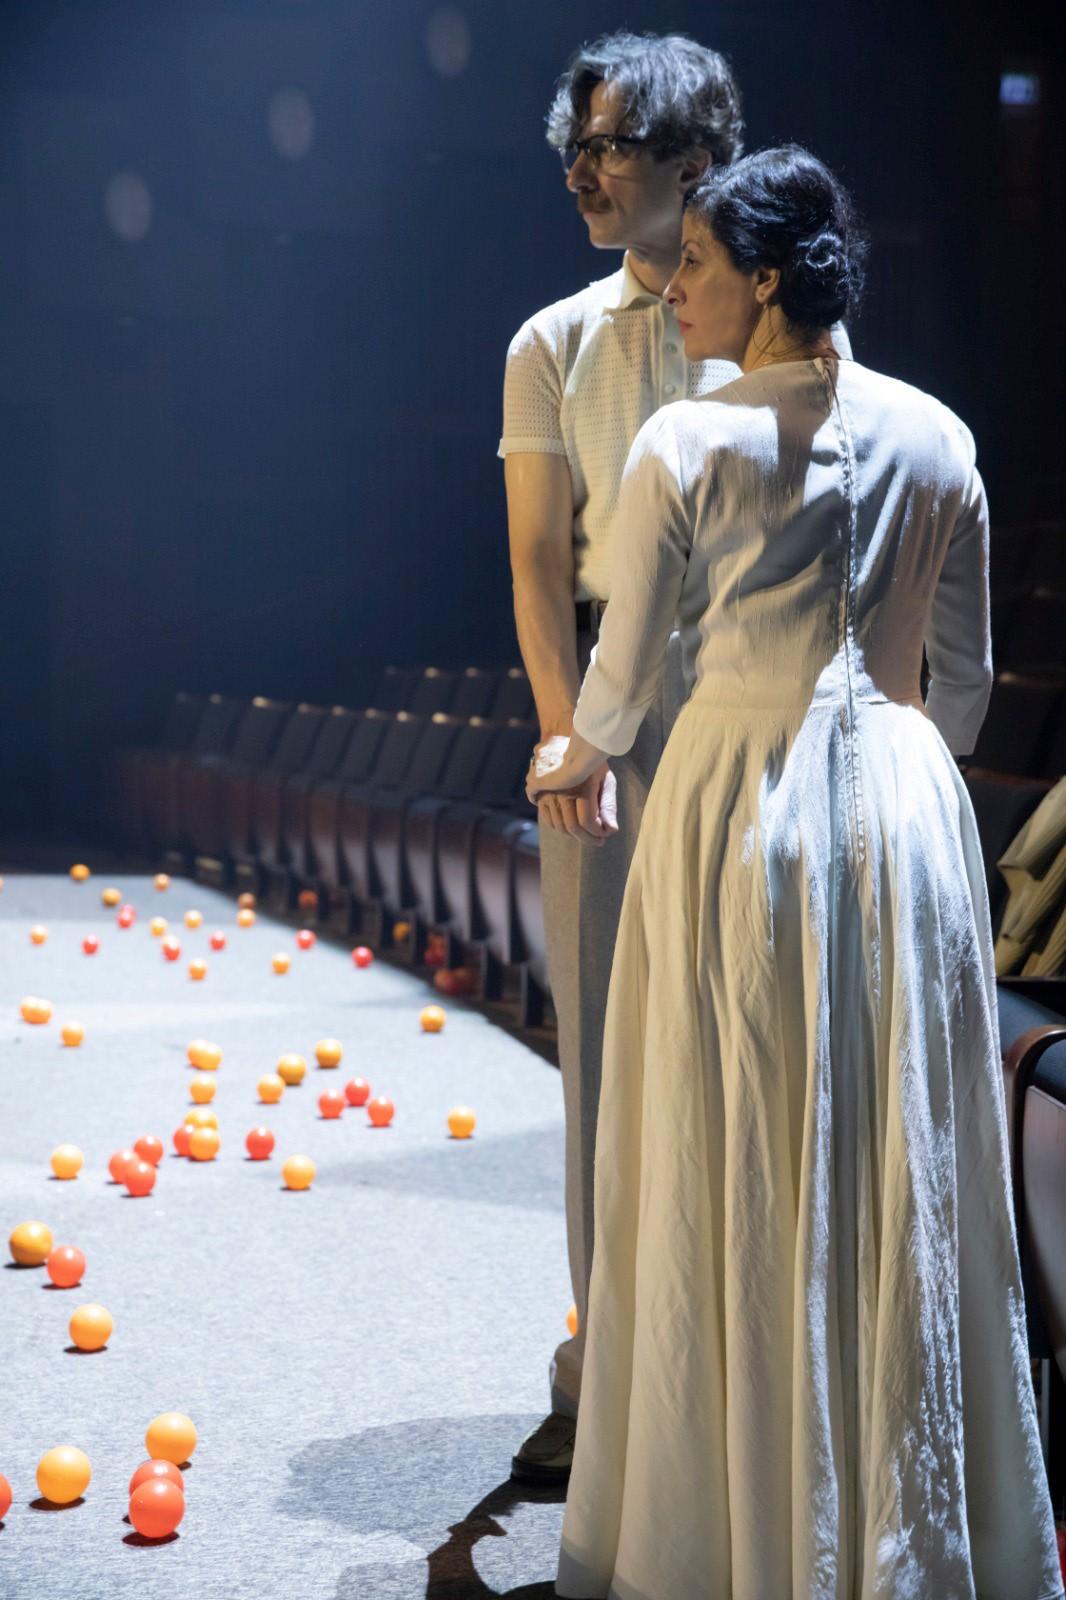 Сцена из спектакля «Невеста и ловец бабочек». Фотограф Даниель Каминский